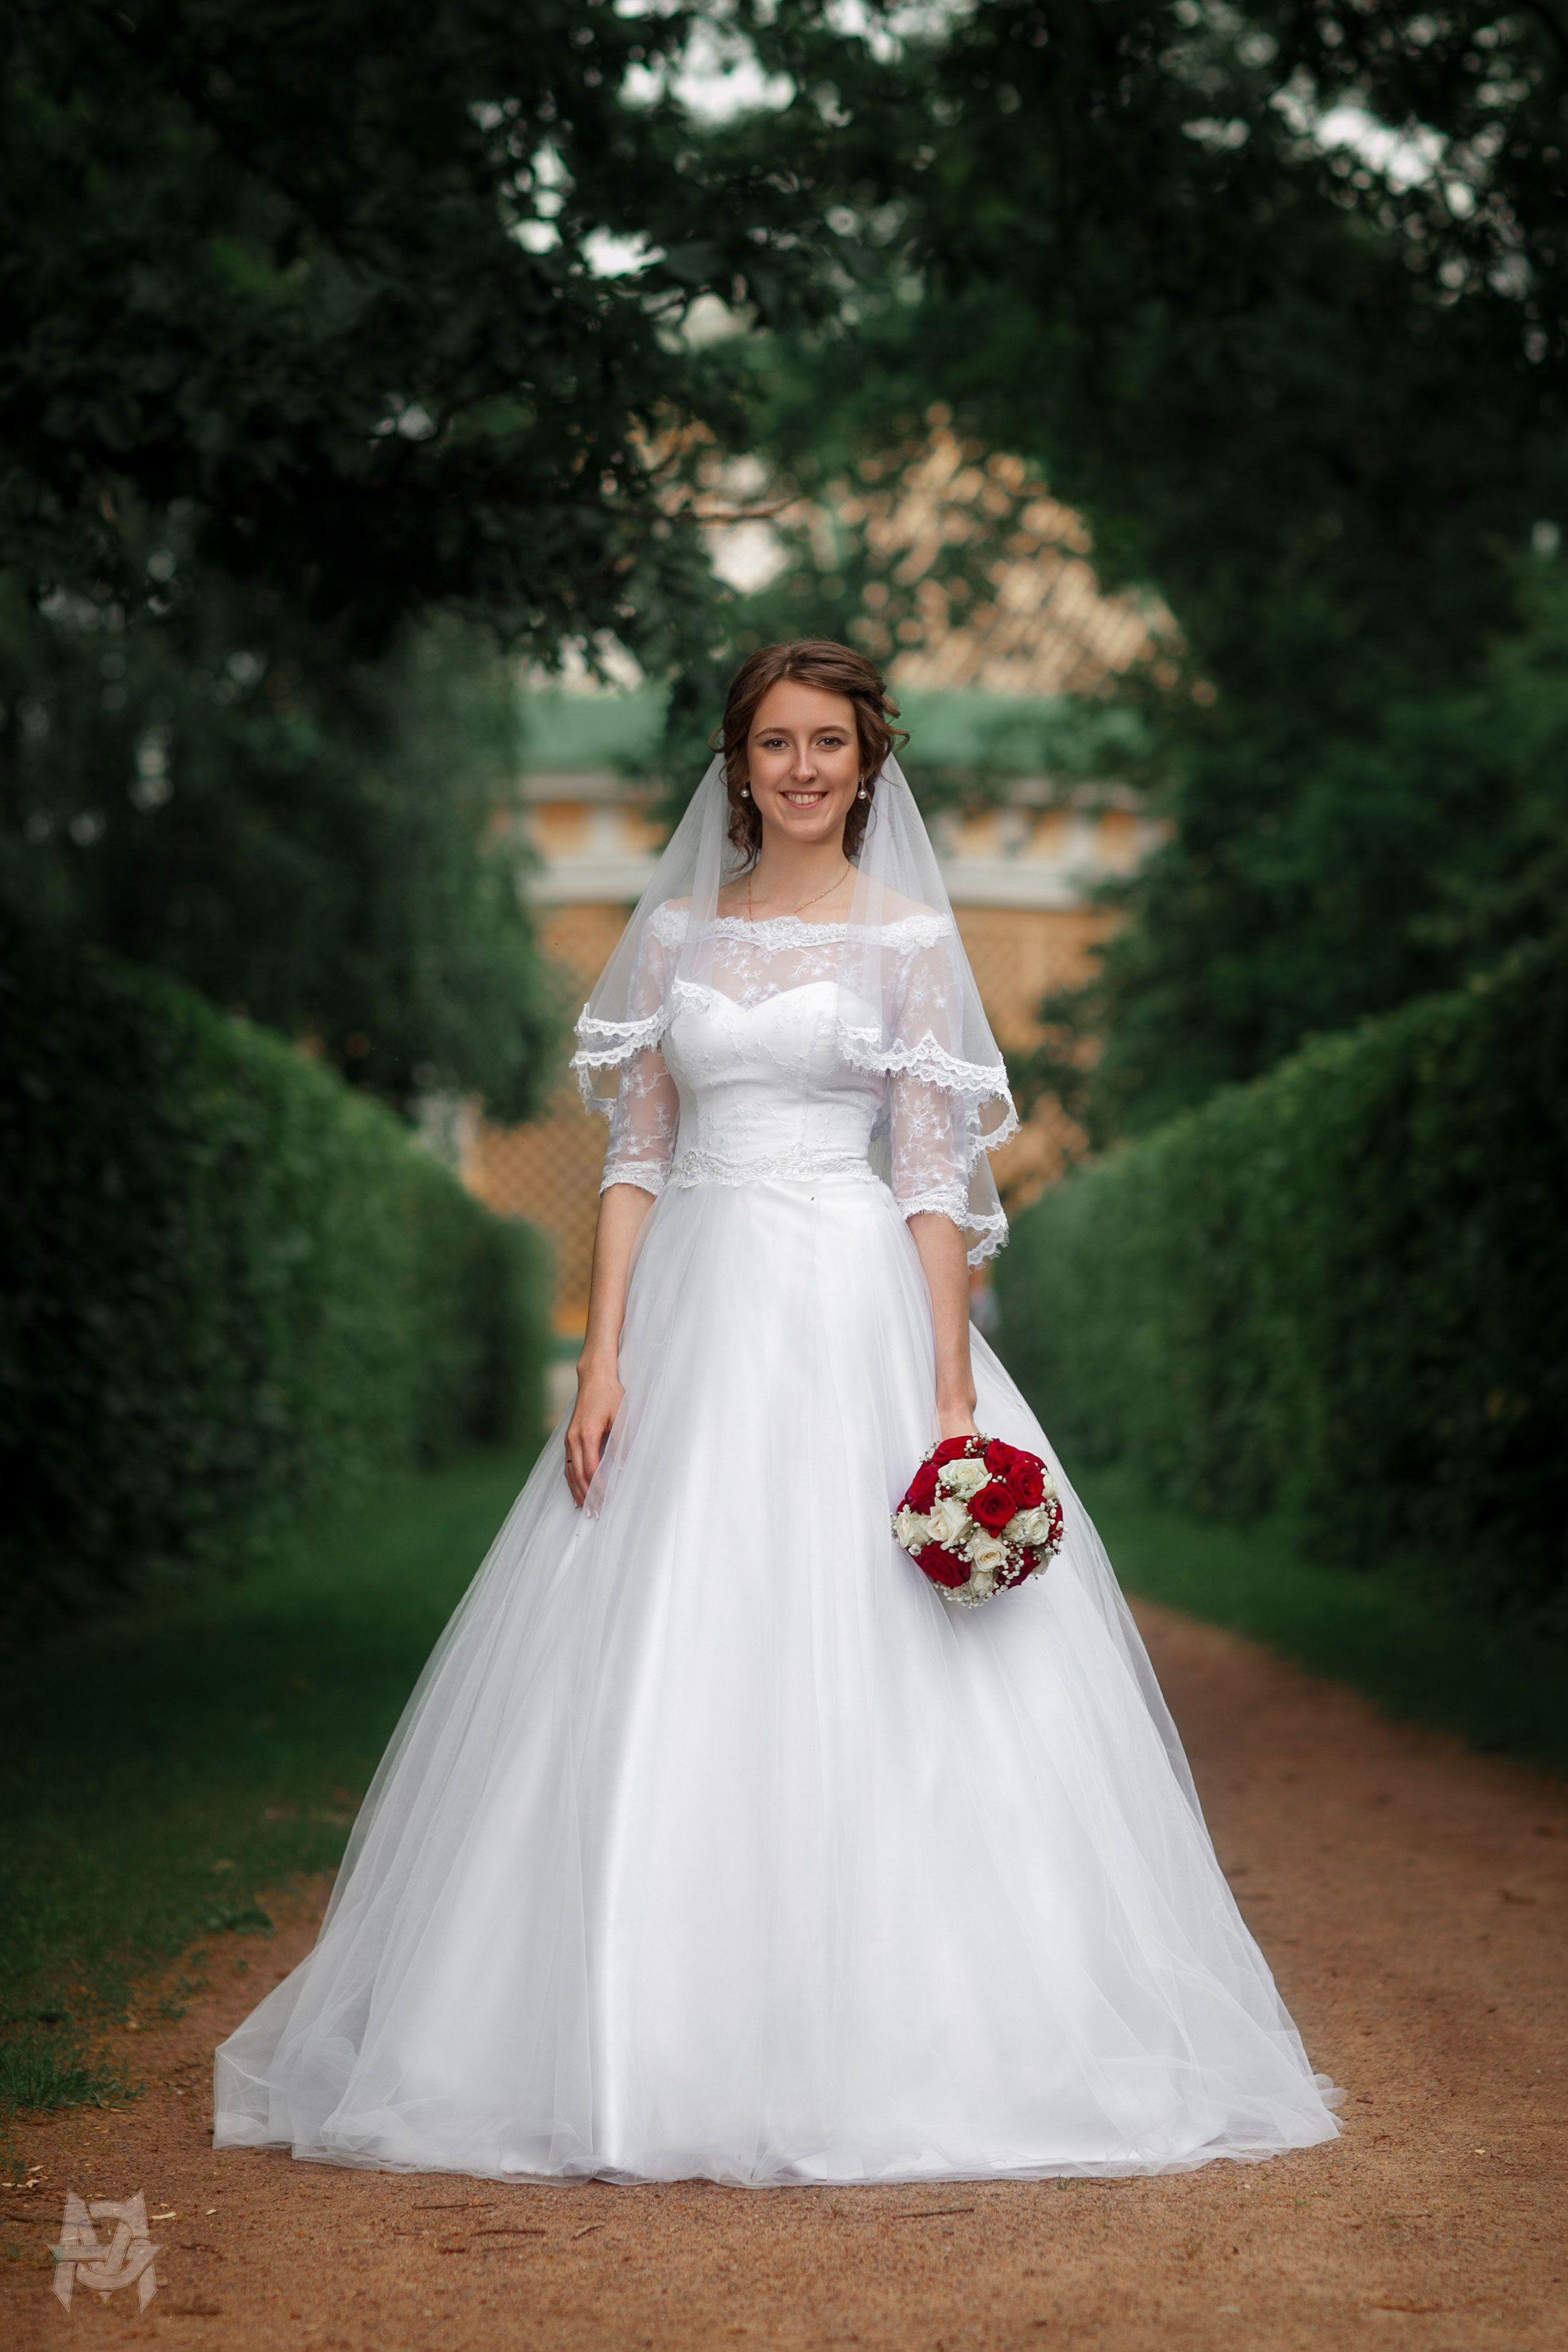 свадьба, невеста, свадебное платье, Герасимов Михаил